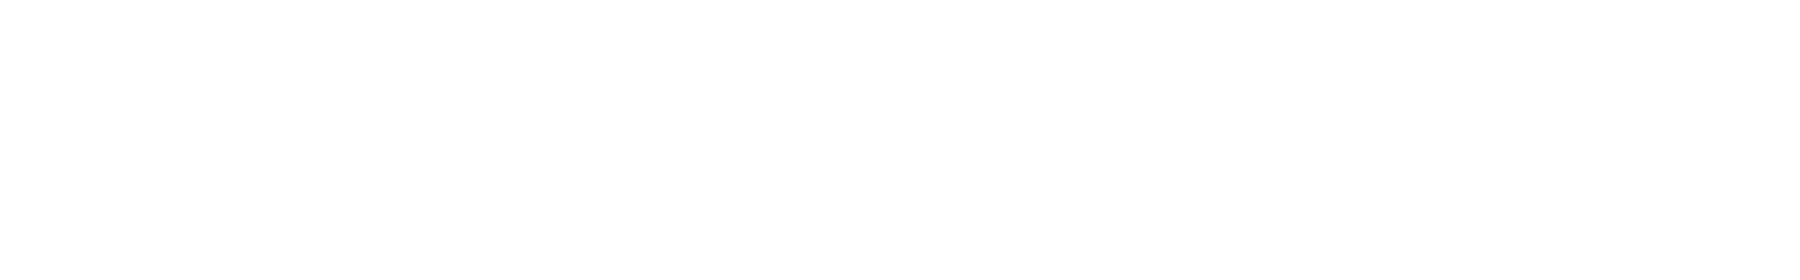 syn7 130